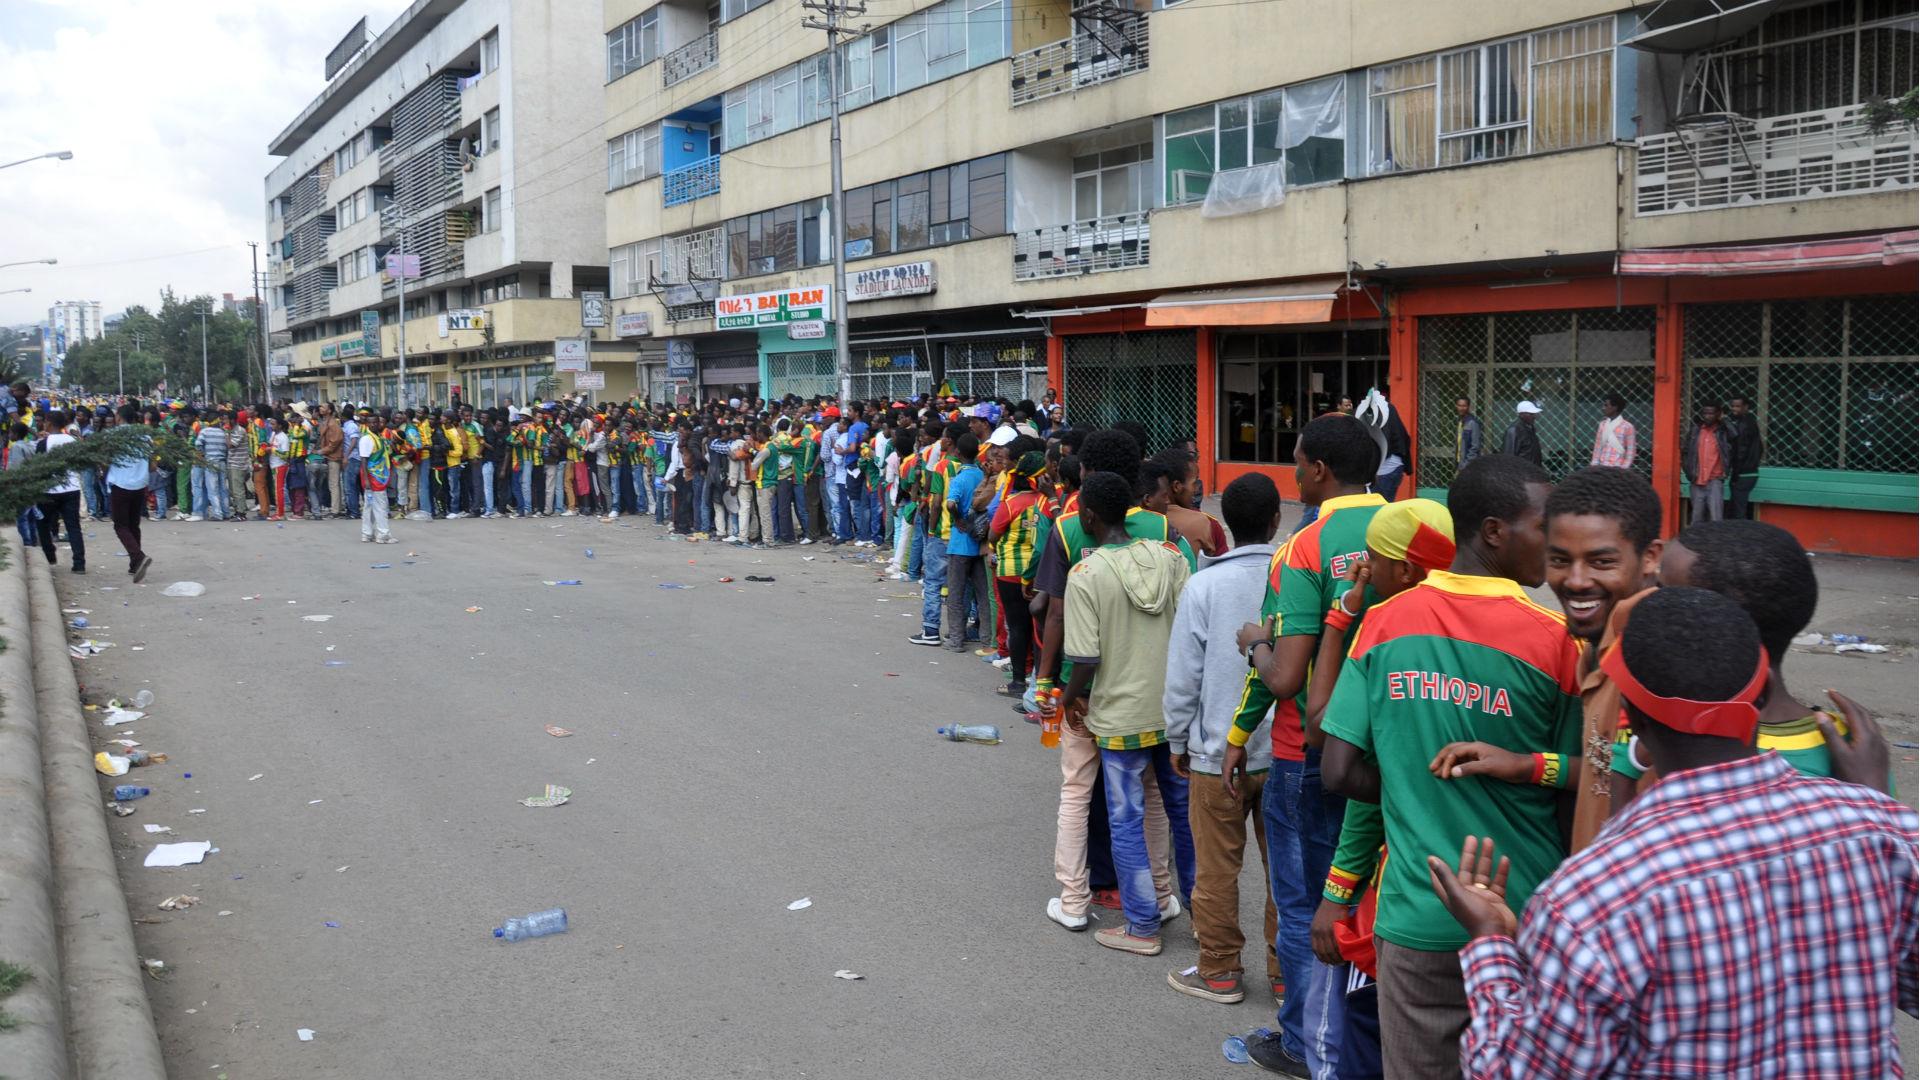 Ethiopia fans 20131013